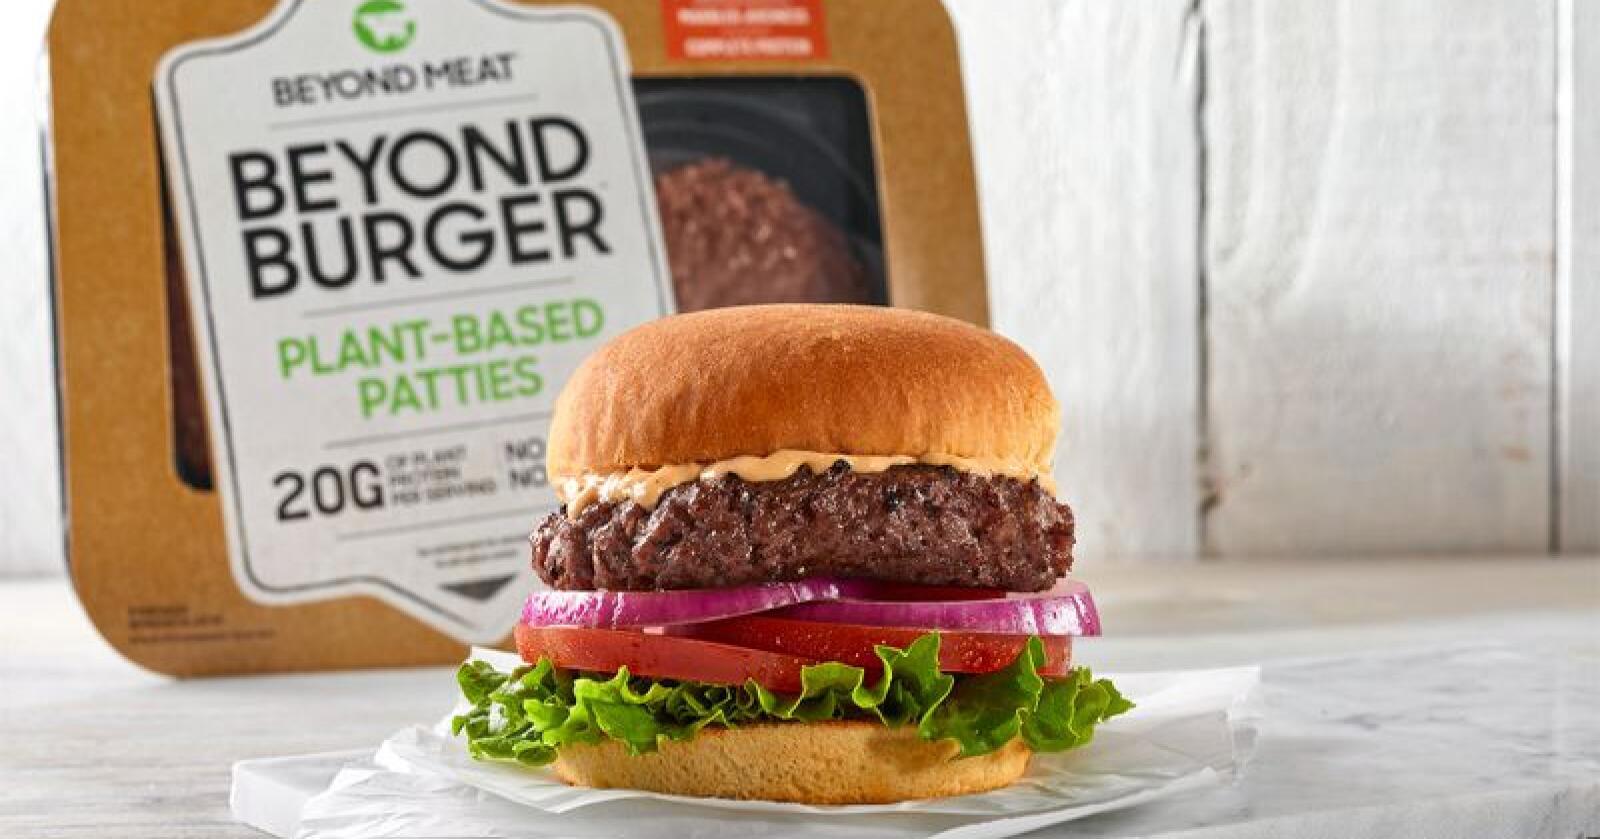 Dette er ein plantebasert burger fra Beyond Meat. Foto: Beyond Meat